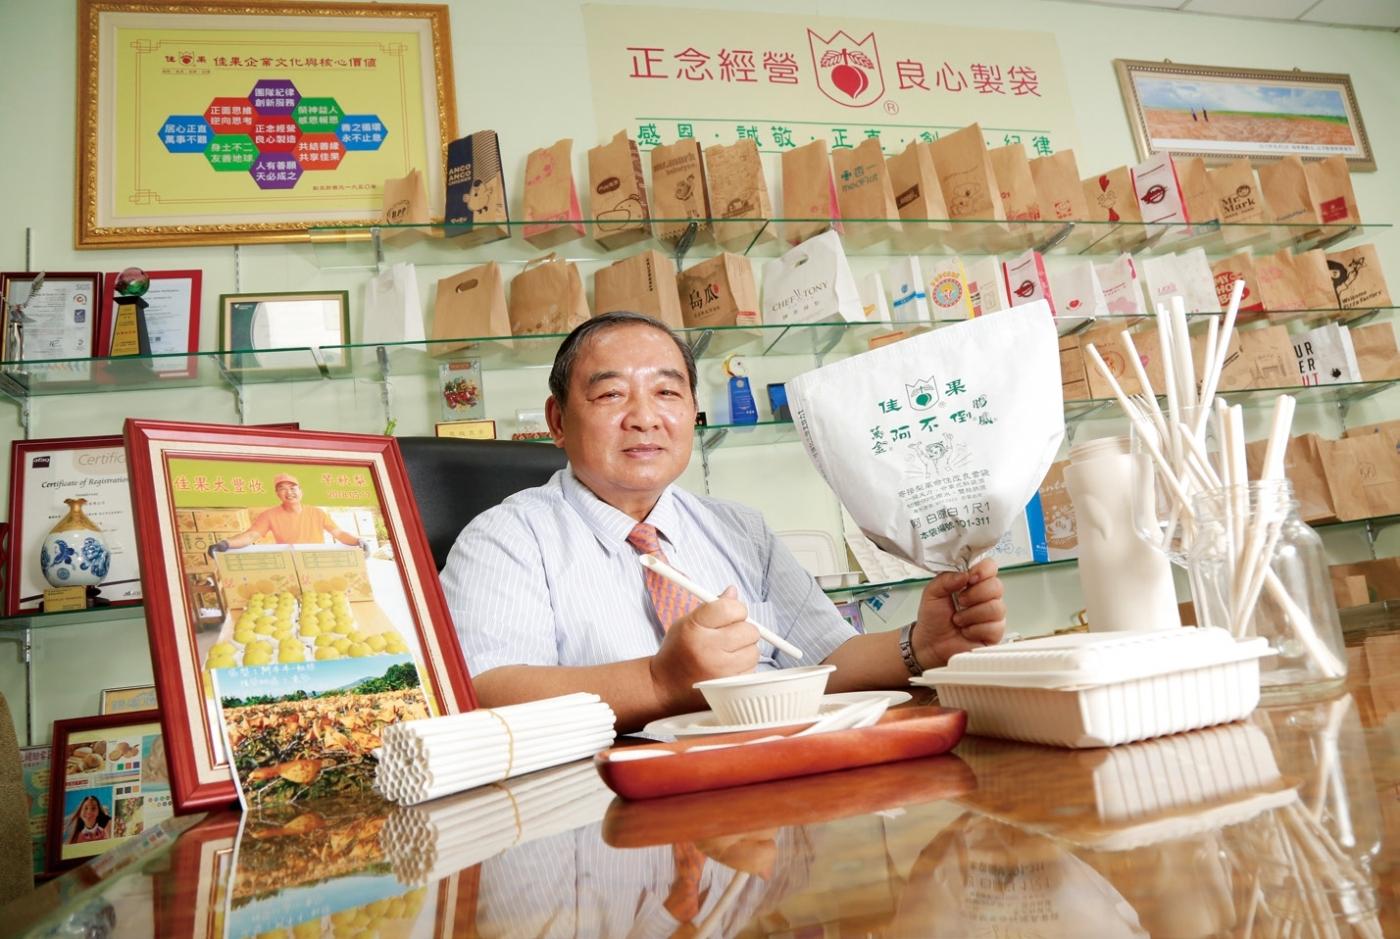 紙袋界的台積電!曾慘到僅剩9名員工,壯佳果如何靠「水果套袋」翻身成台灣第一?